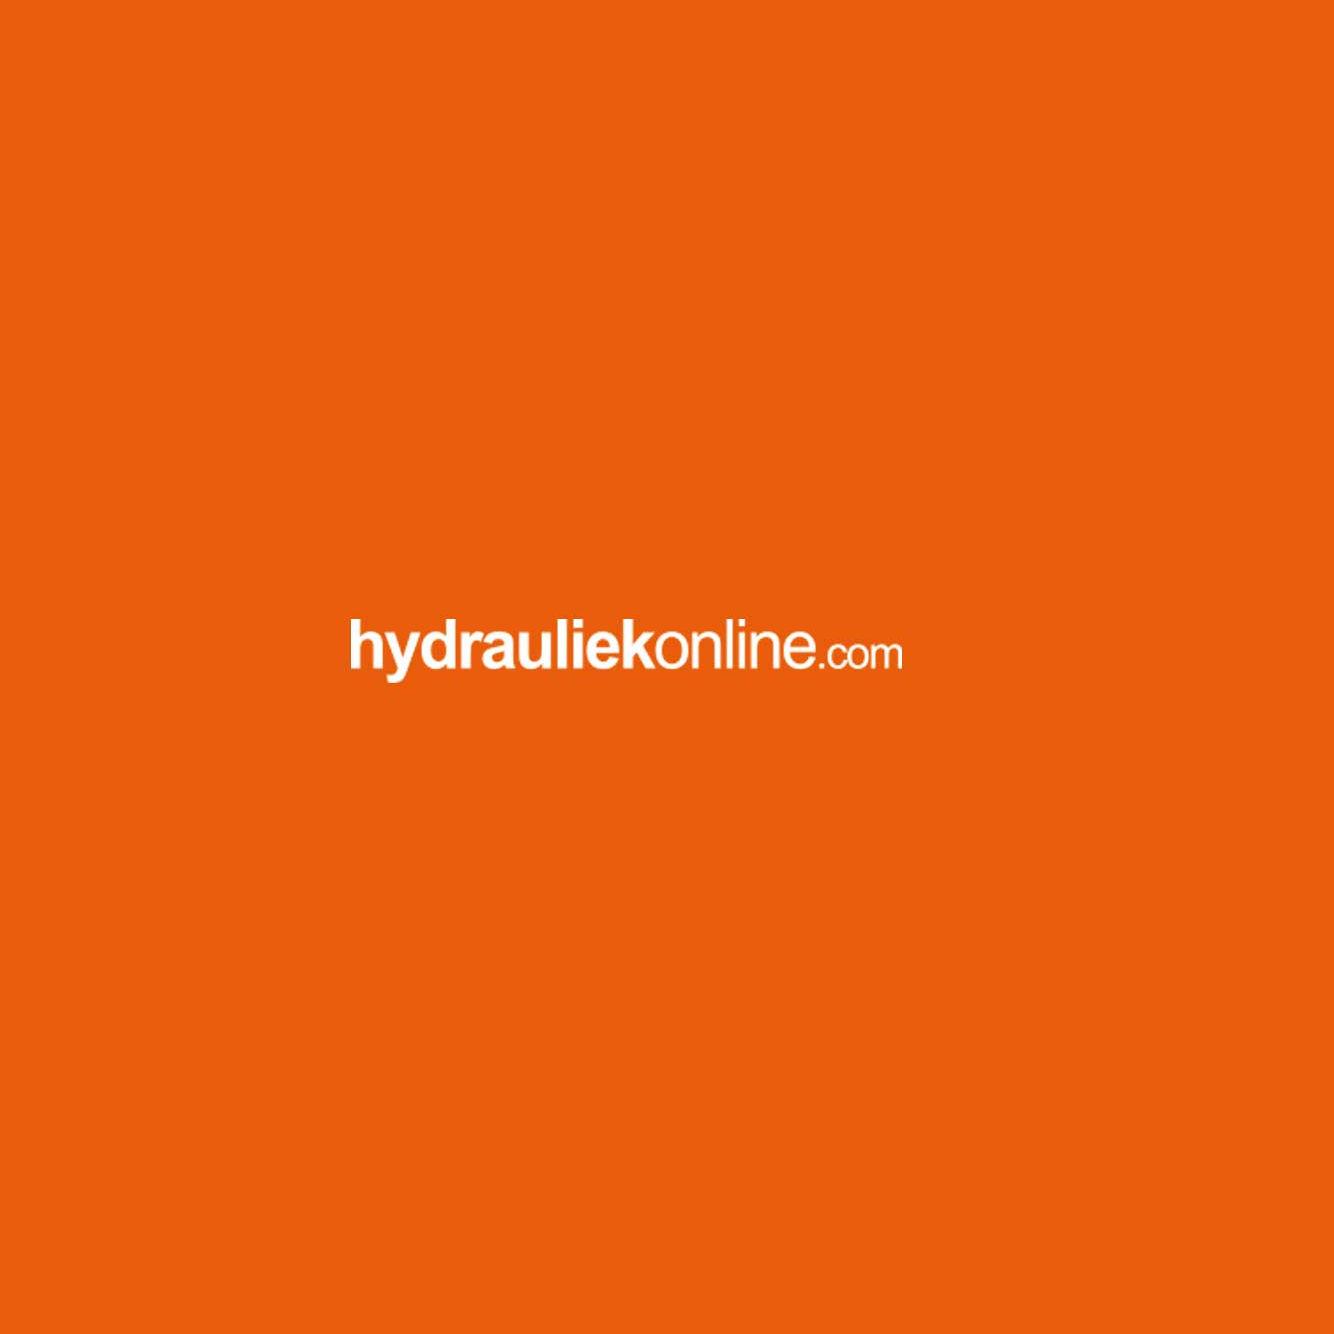 hydrauliek-online-6747.jpg